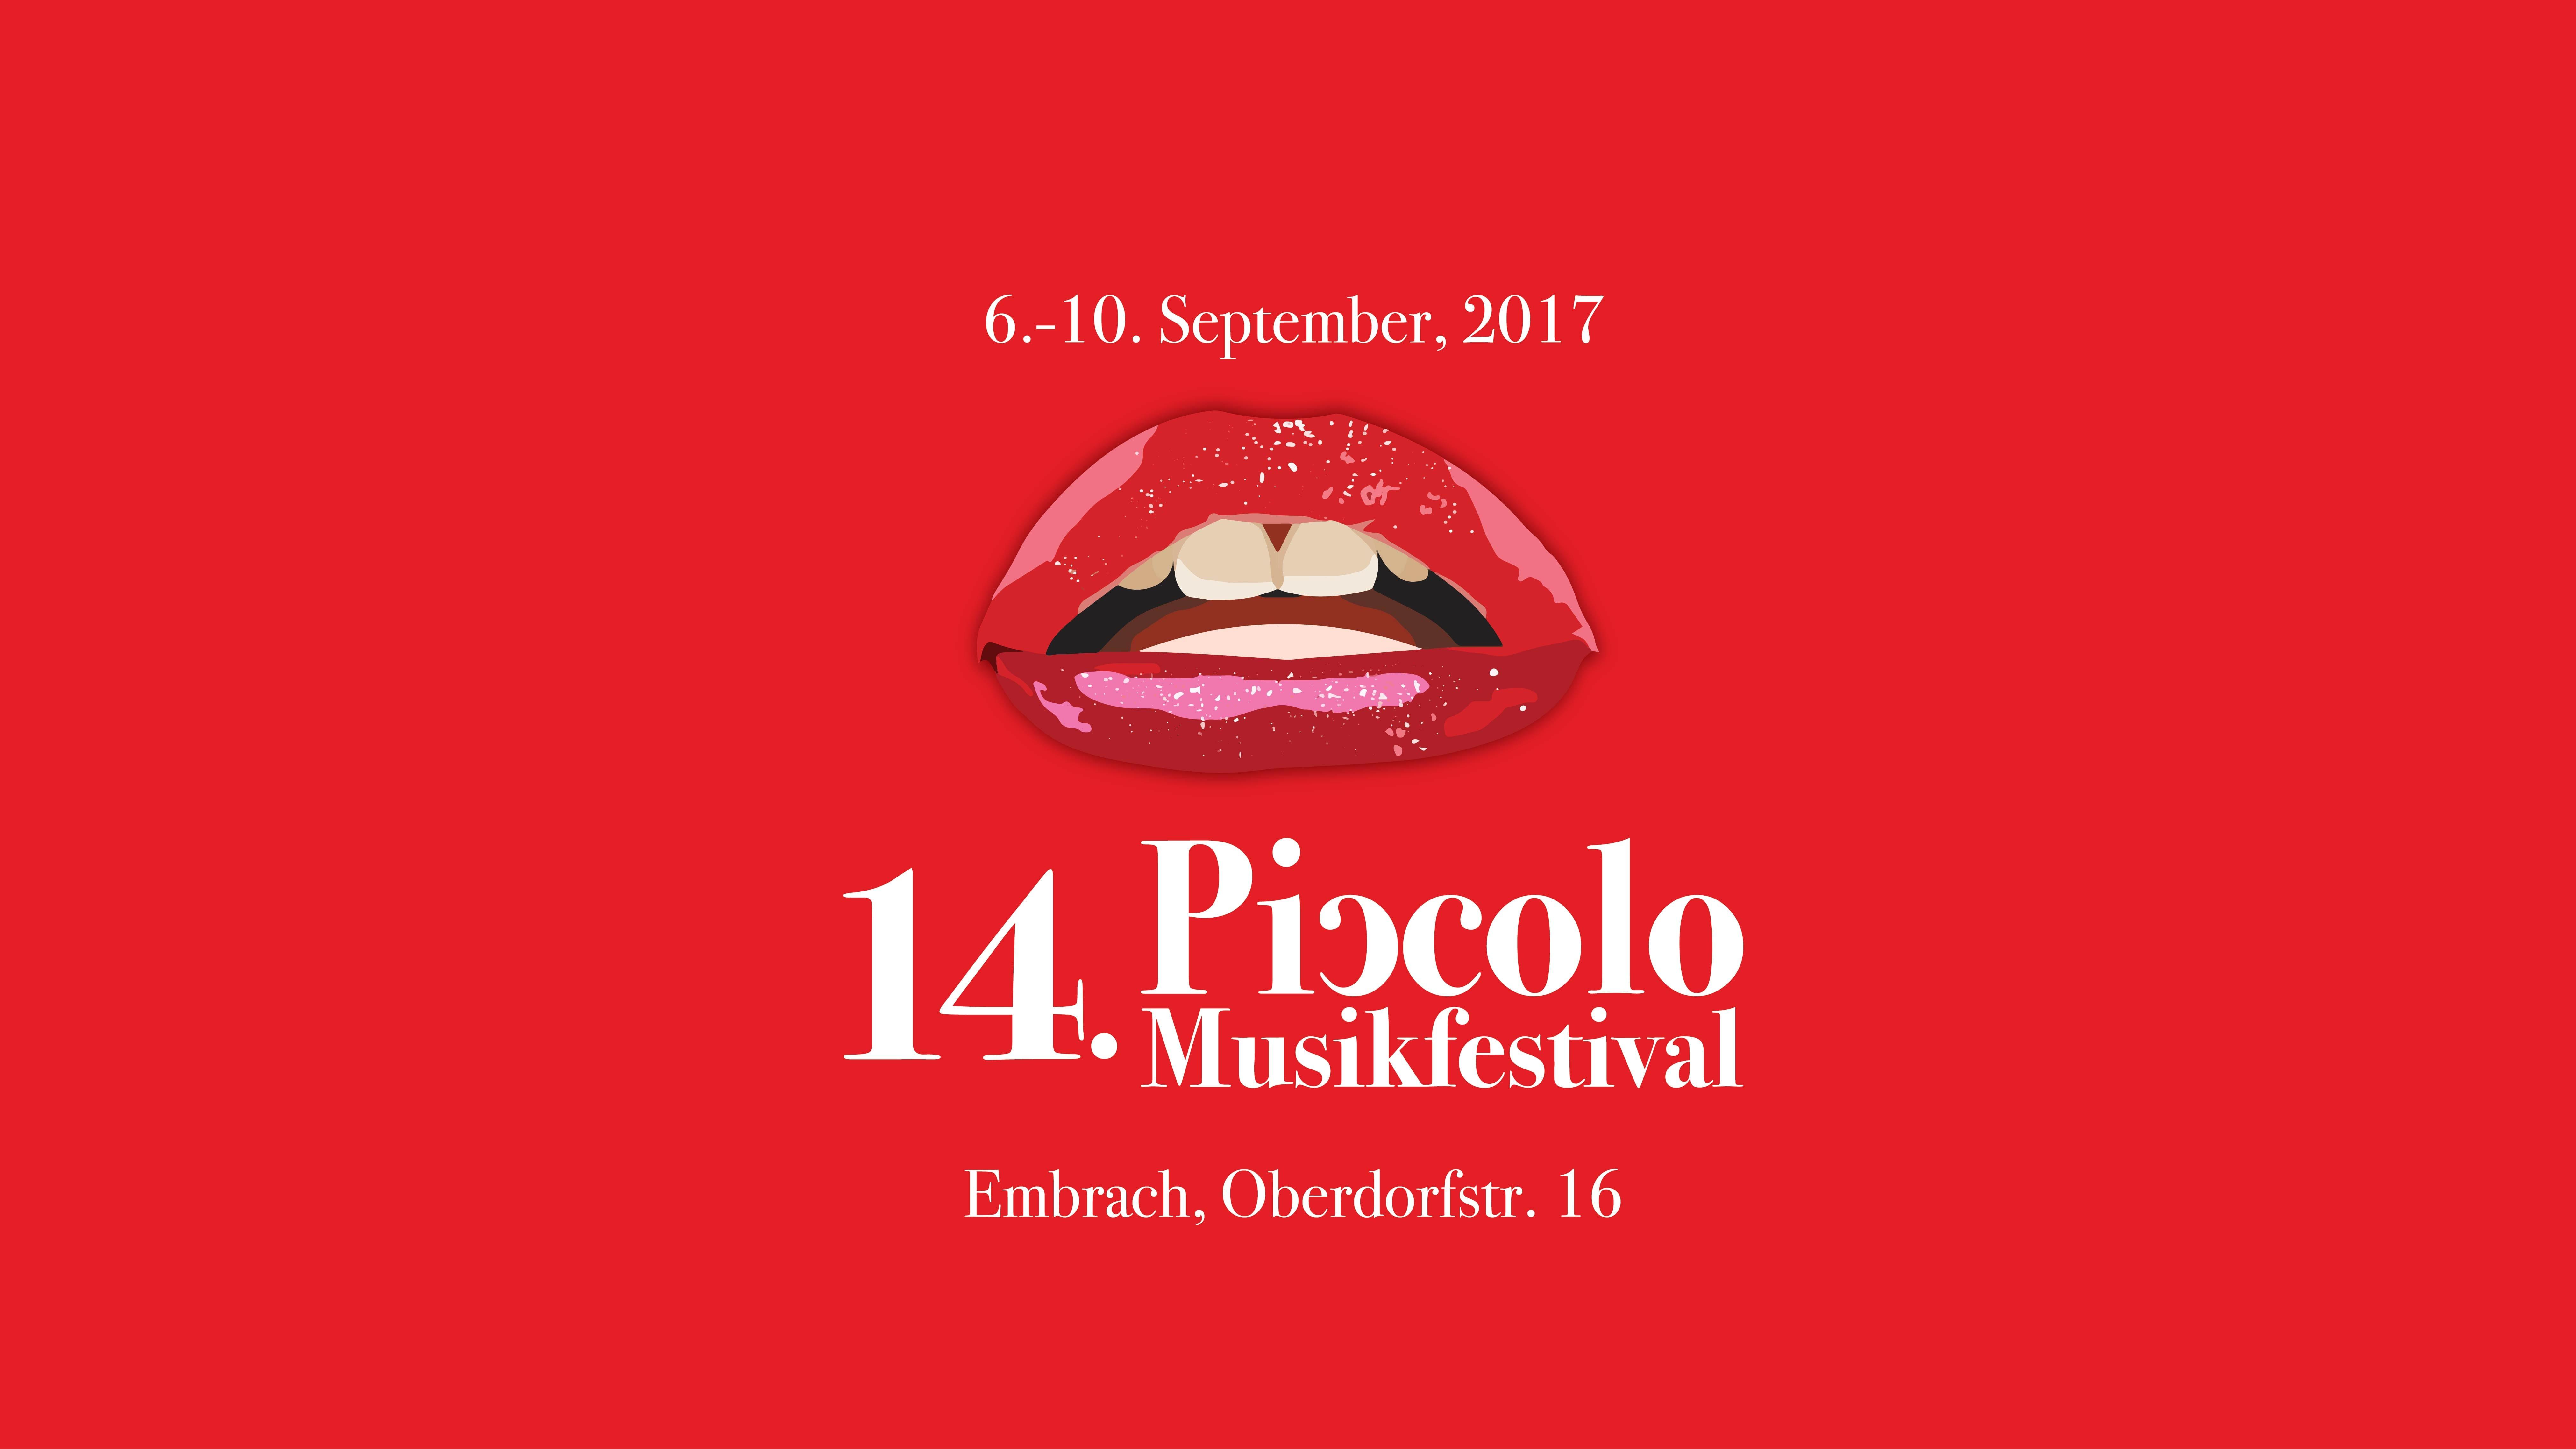 14. Piccolo Musikfestival 2017